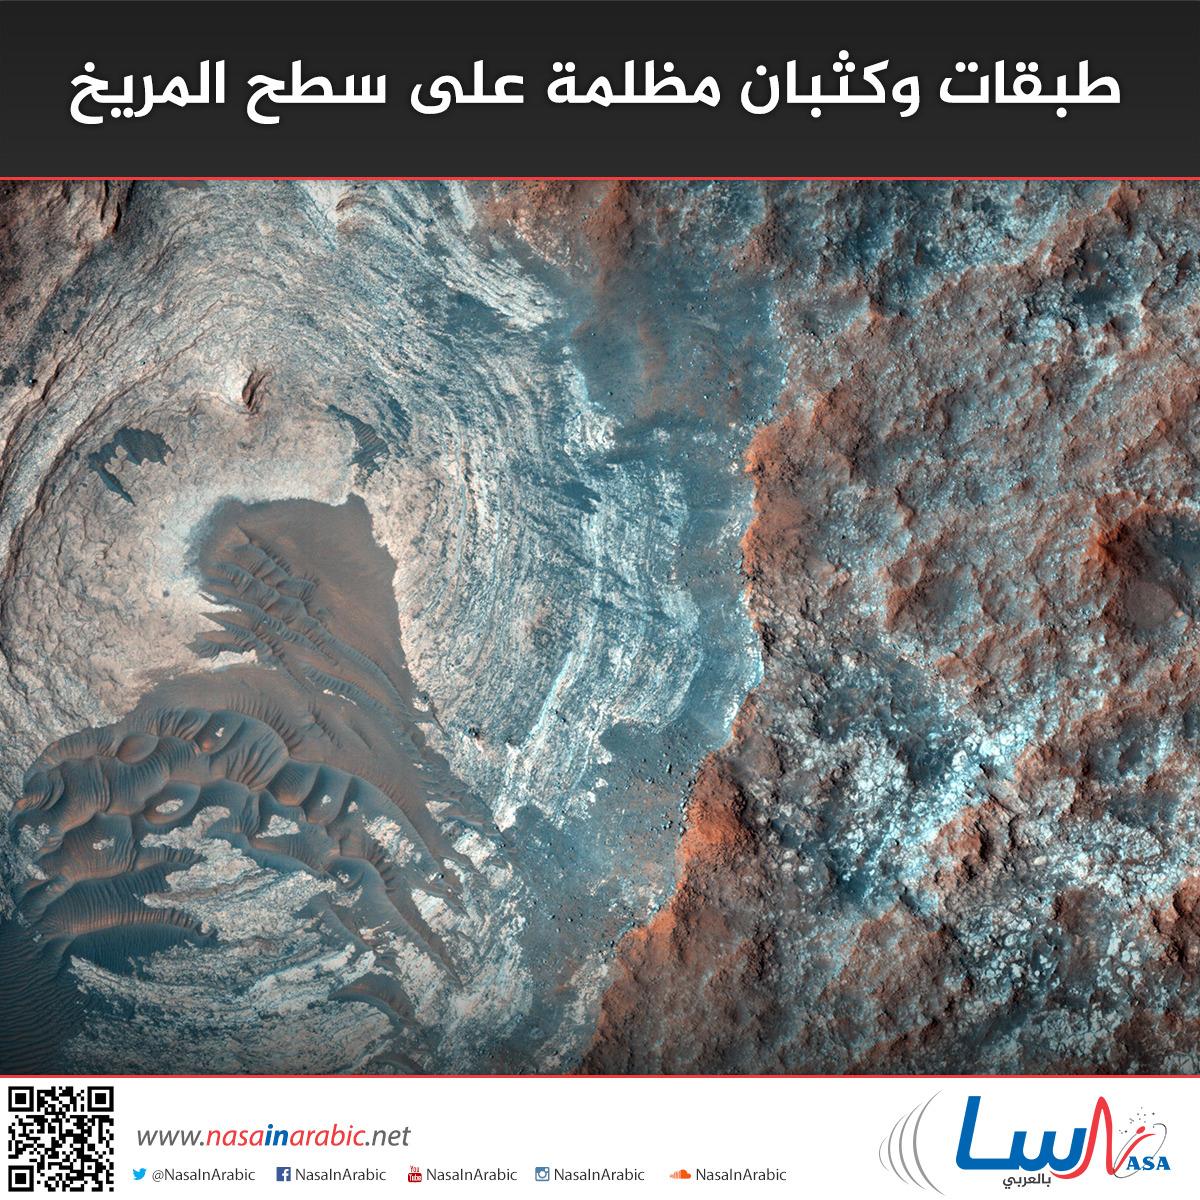 طبقات وكثبان مظلمة على سطح المريخ